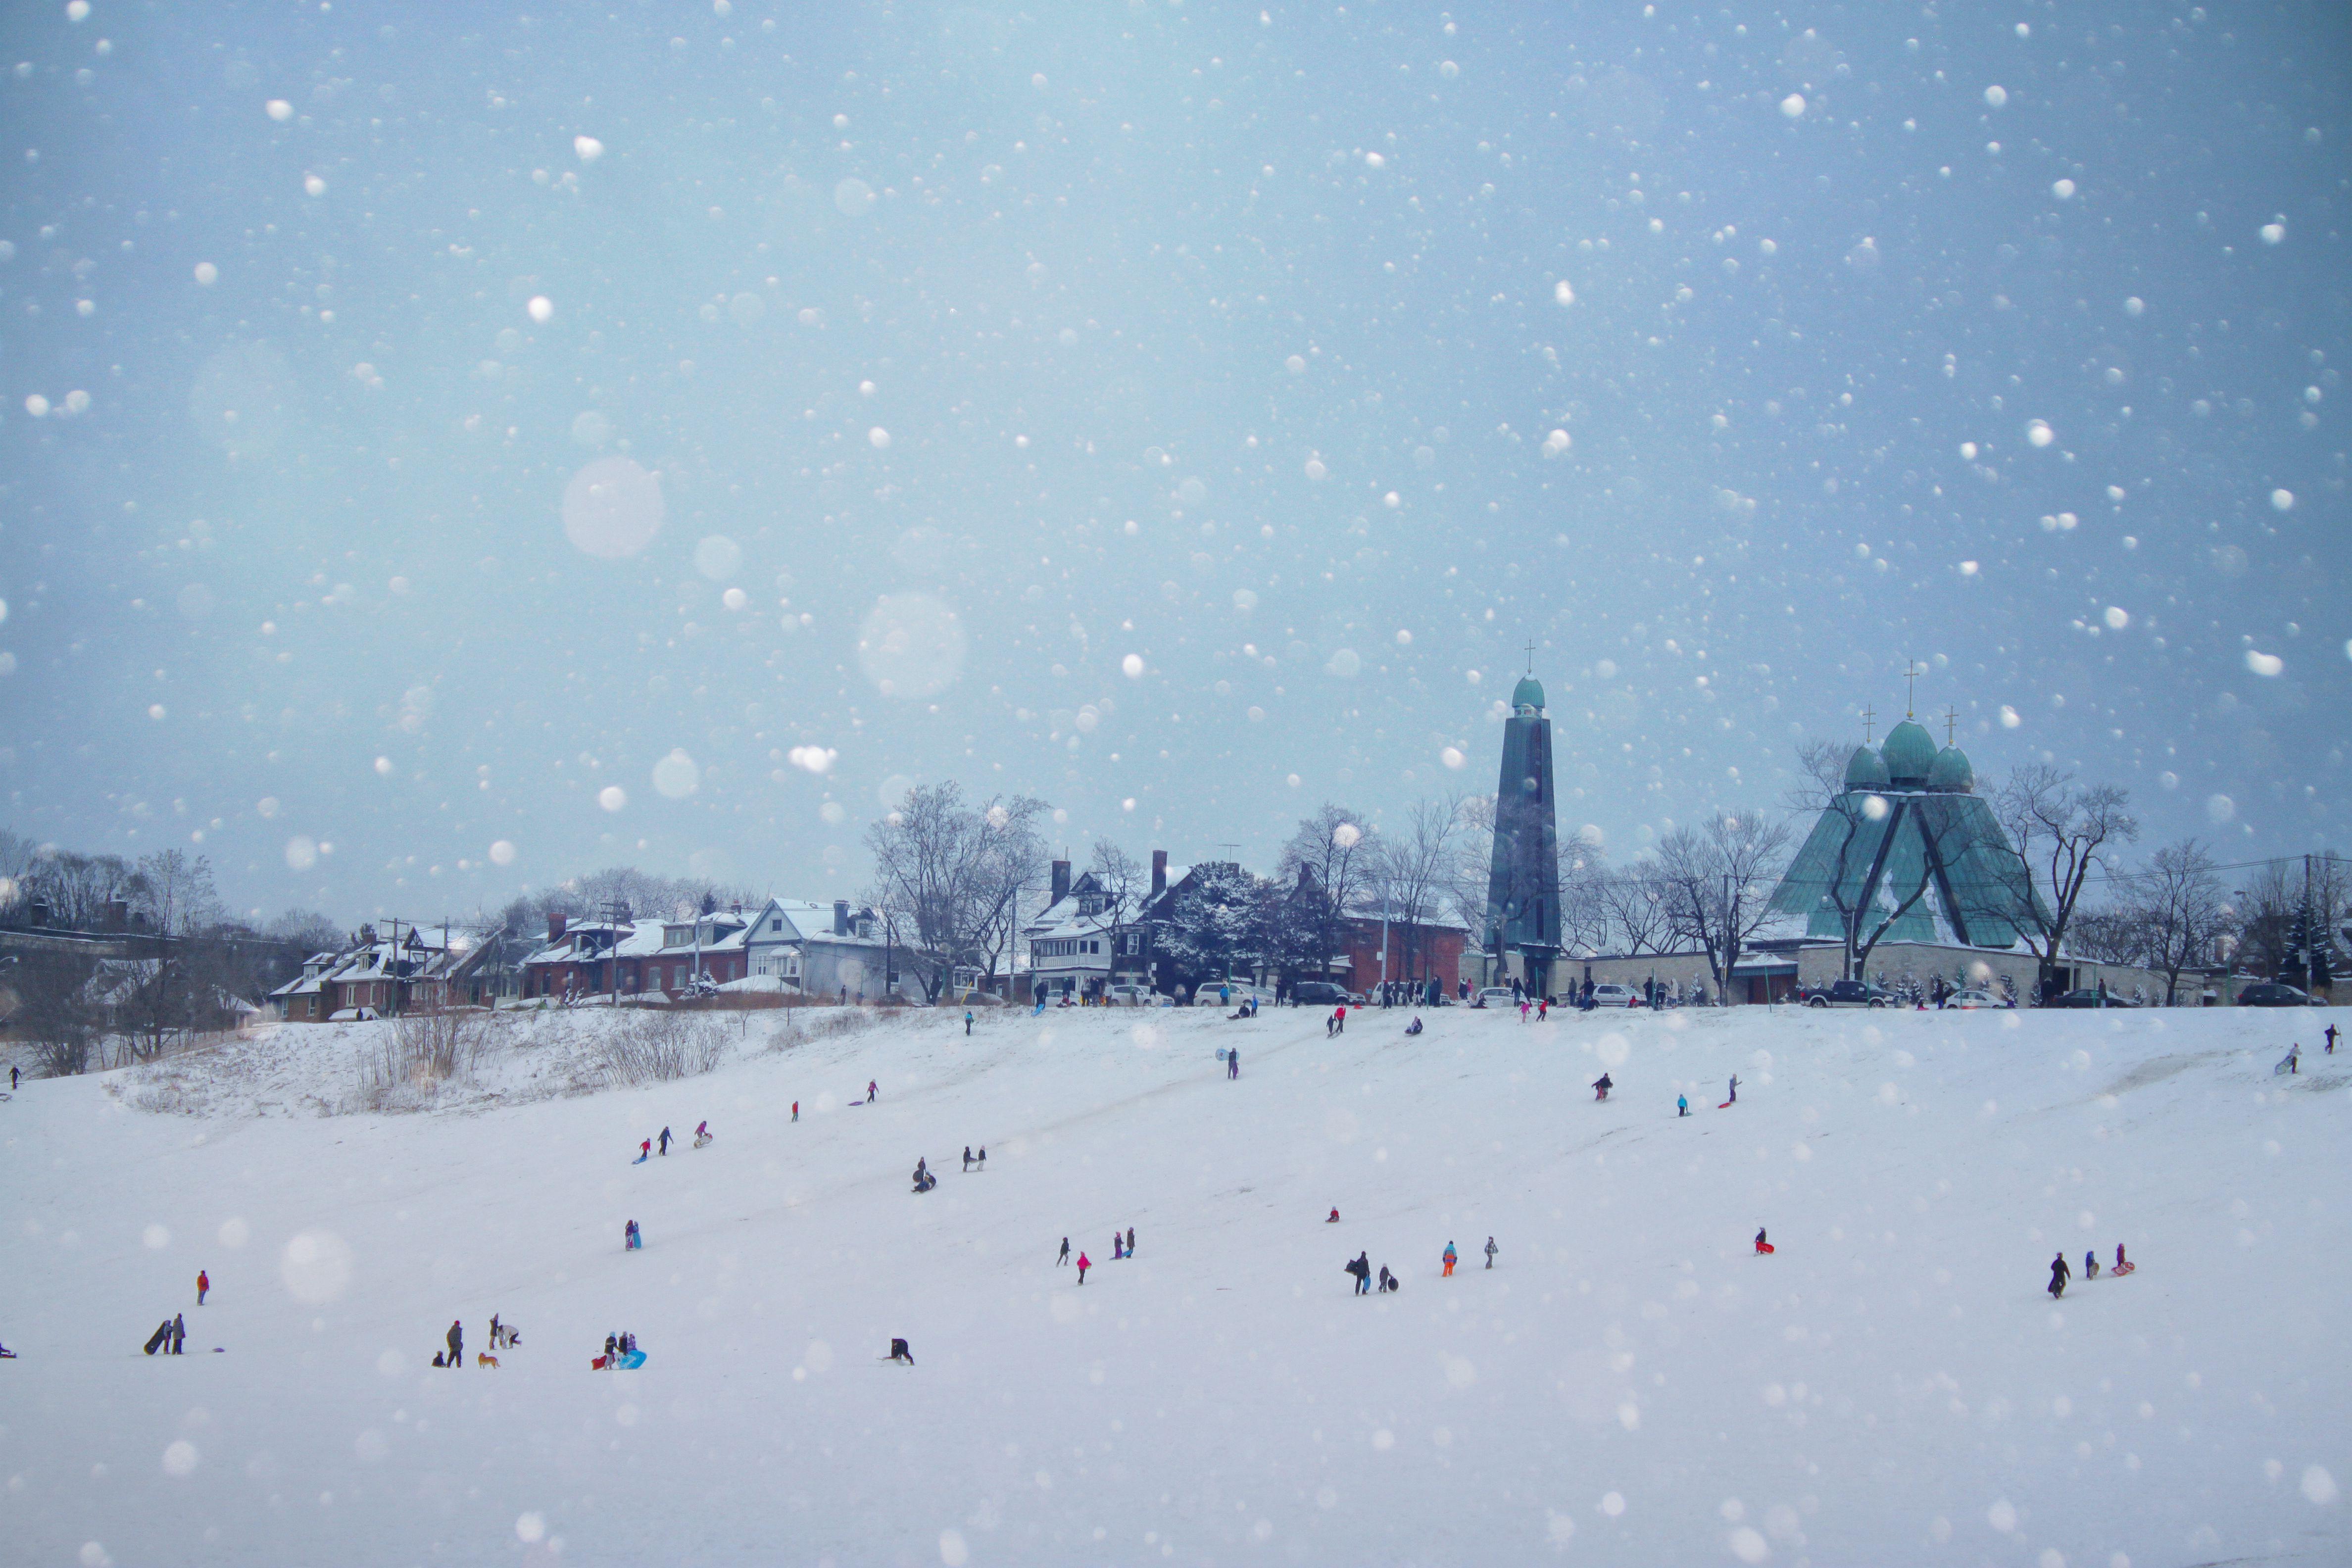 Kids enjoying a winter day in Toronto